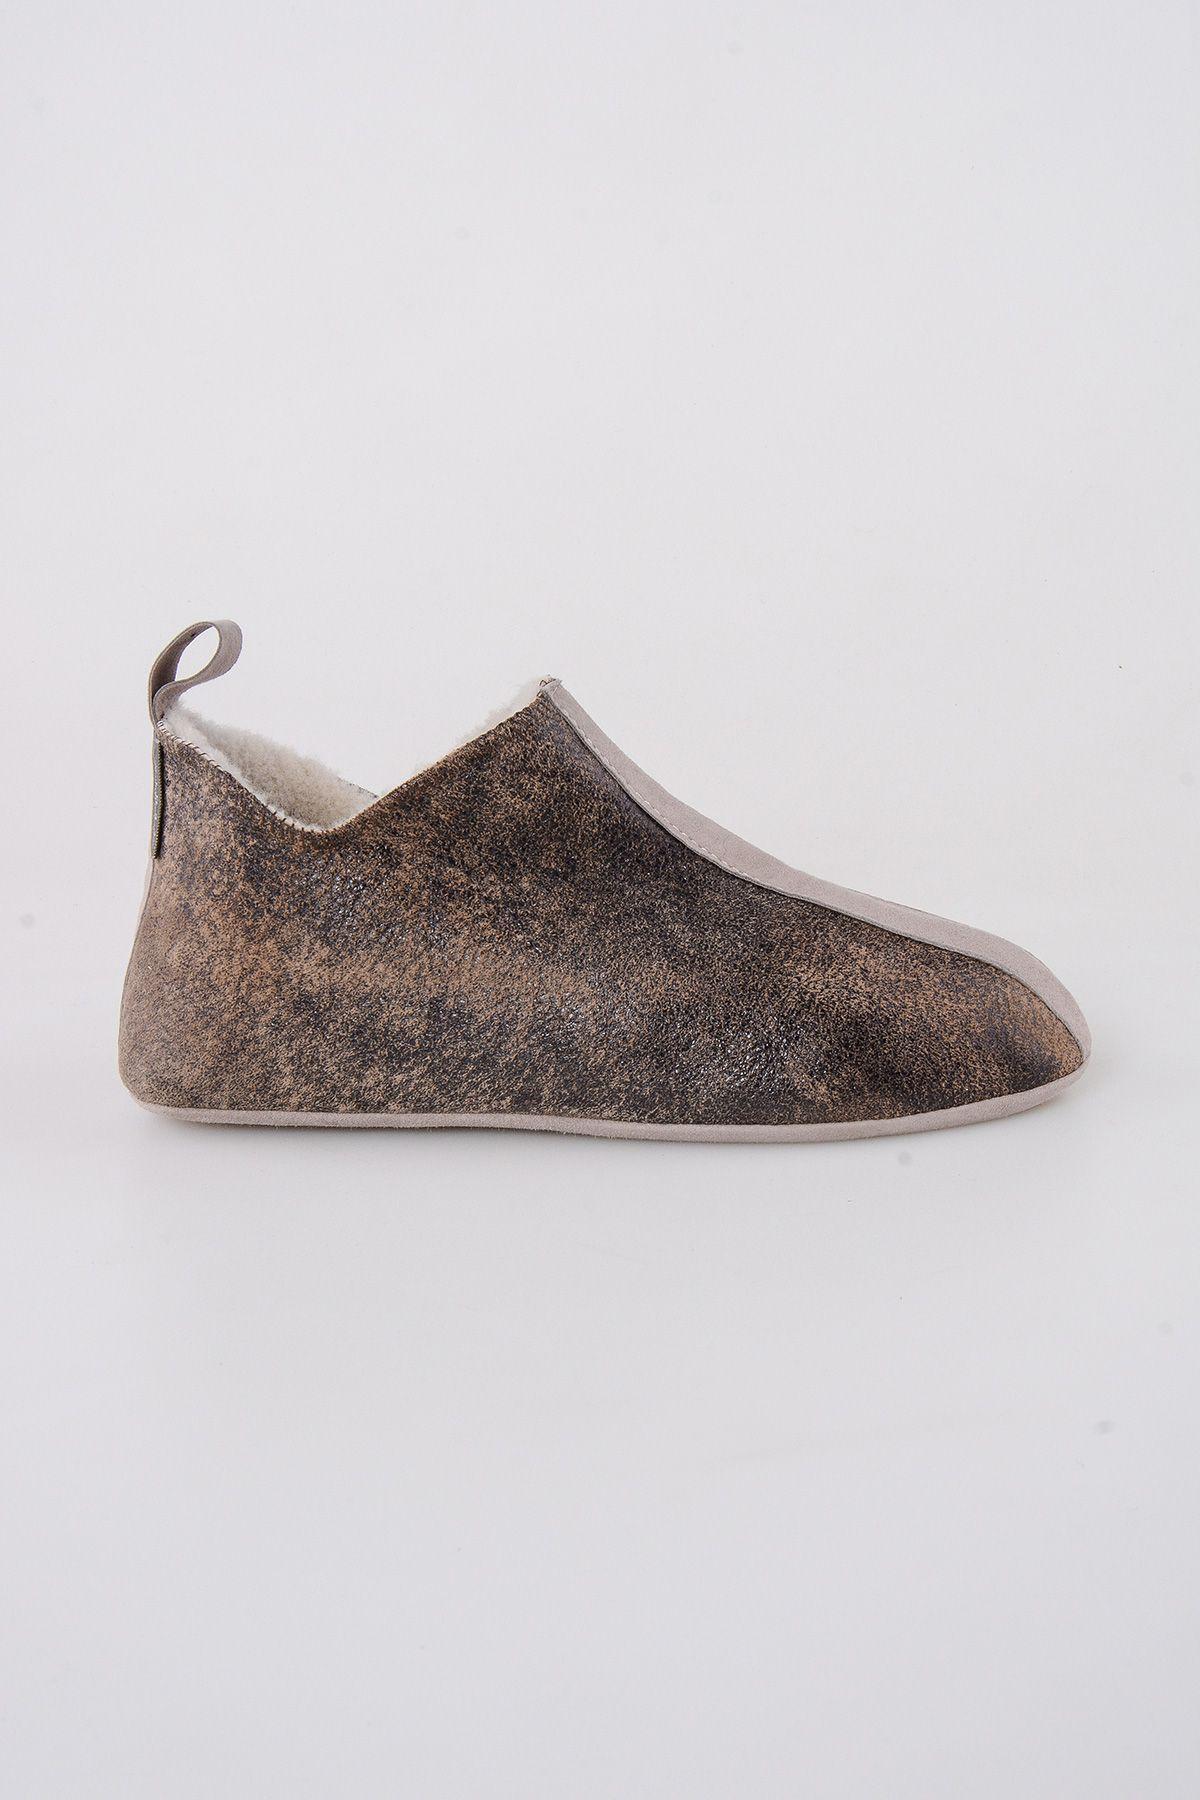 Pegia Hakiki Kürklü  Erkek Ev Ayakkabısı 111008 Vizon